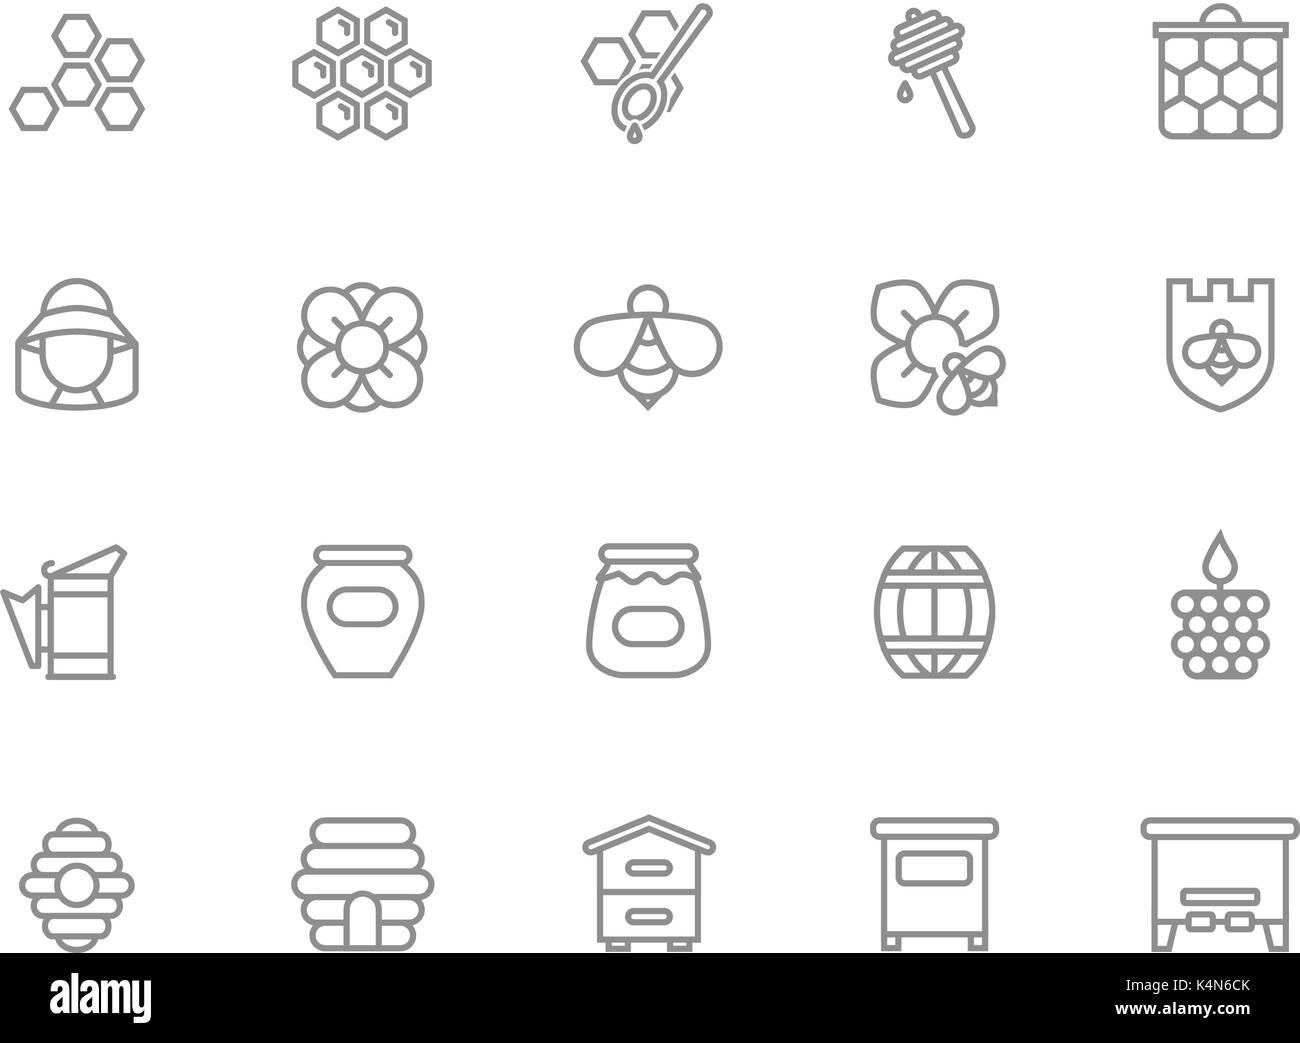 Set of vector honey line icons. Bee, honeycomb, barrel, beekeeper, dipper, jar, flower, beehive, pot, hexagon, beeswax, spoon and more. Editable Stroke. - Stock Vector